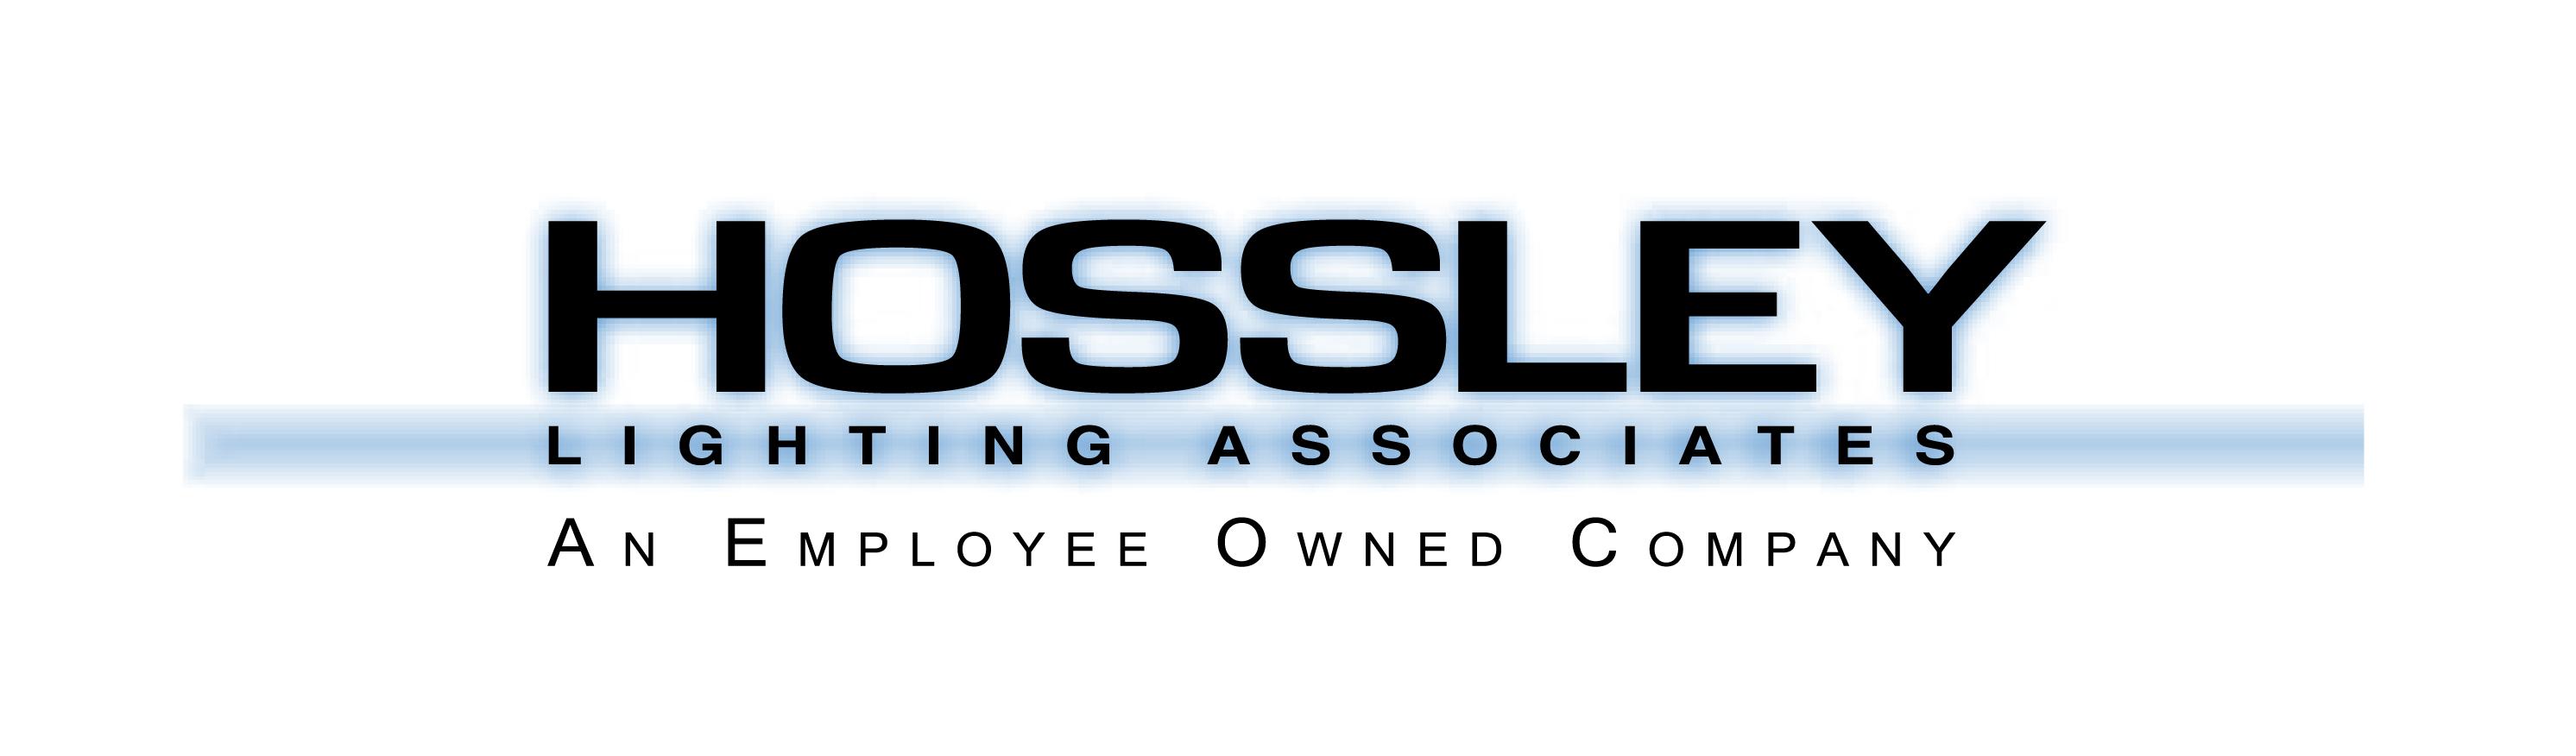 2020 Chapter Meeting Sponsor - Hossley logo